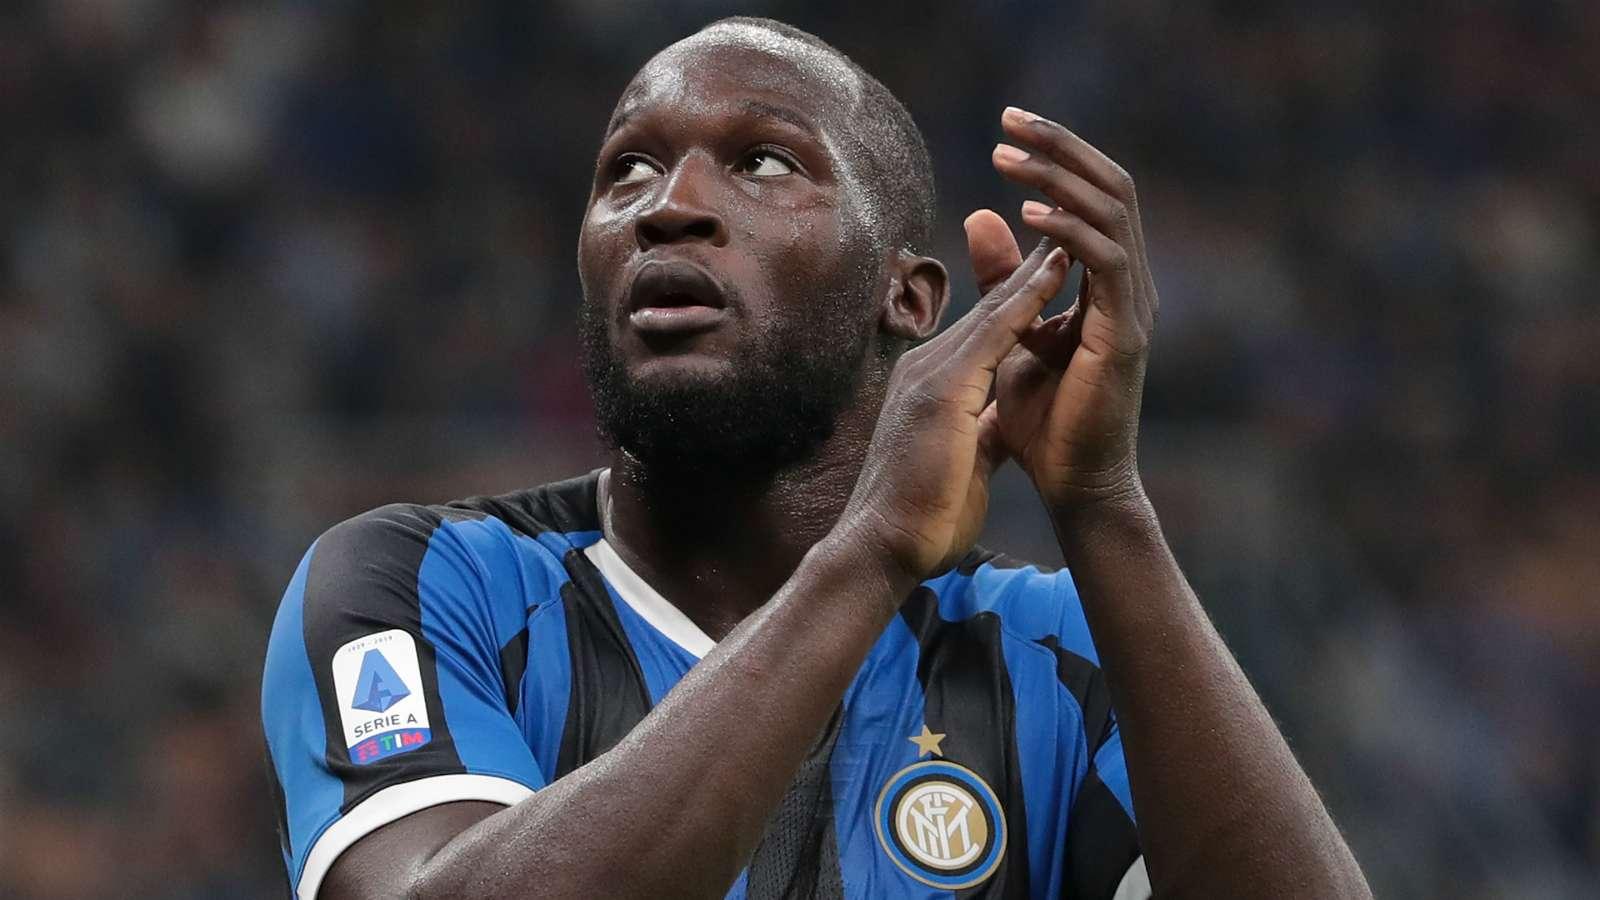 اینتر-بلژیک-سری آ-نراتزوری-Inter-Serie A-Italy-Belgium